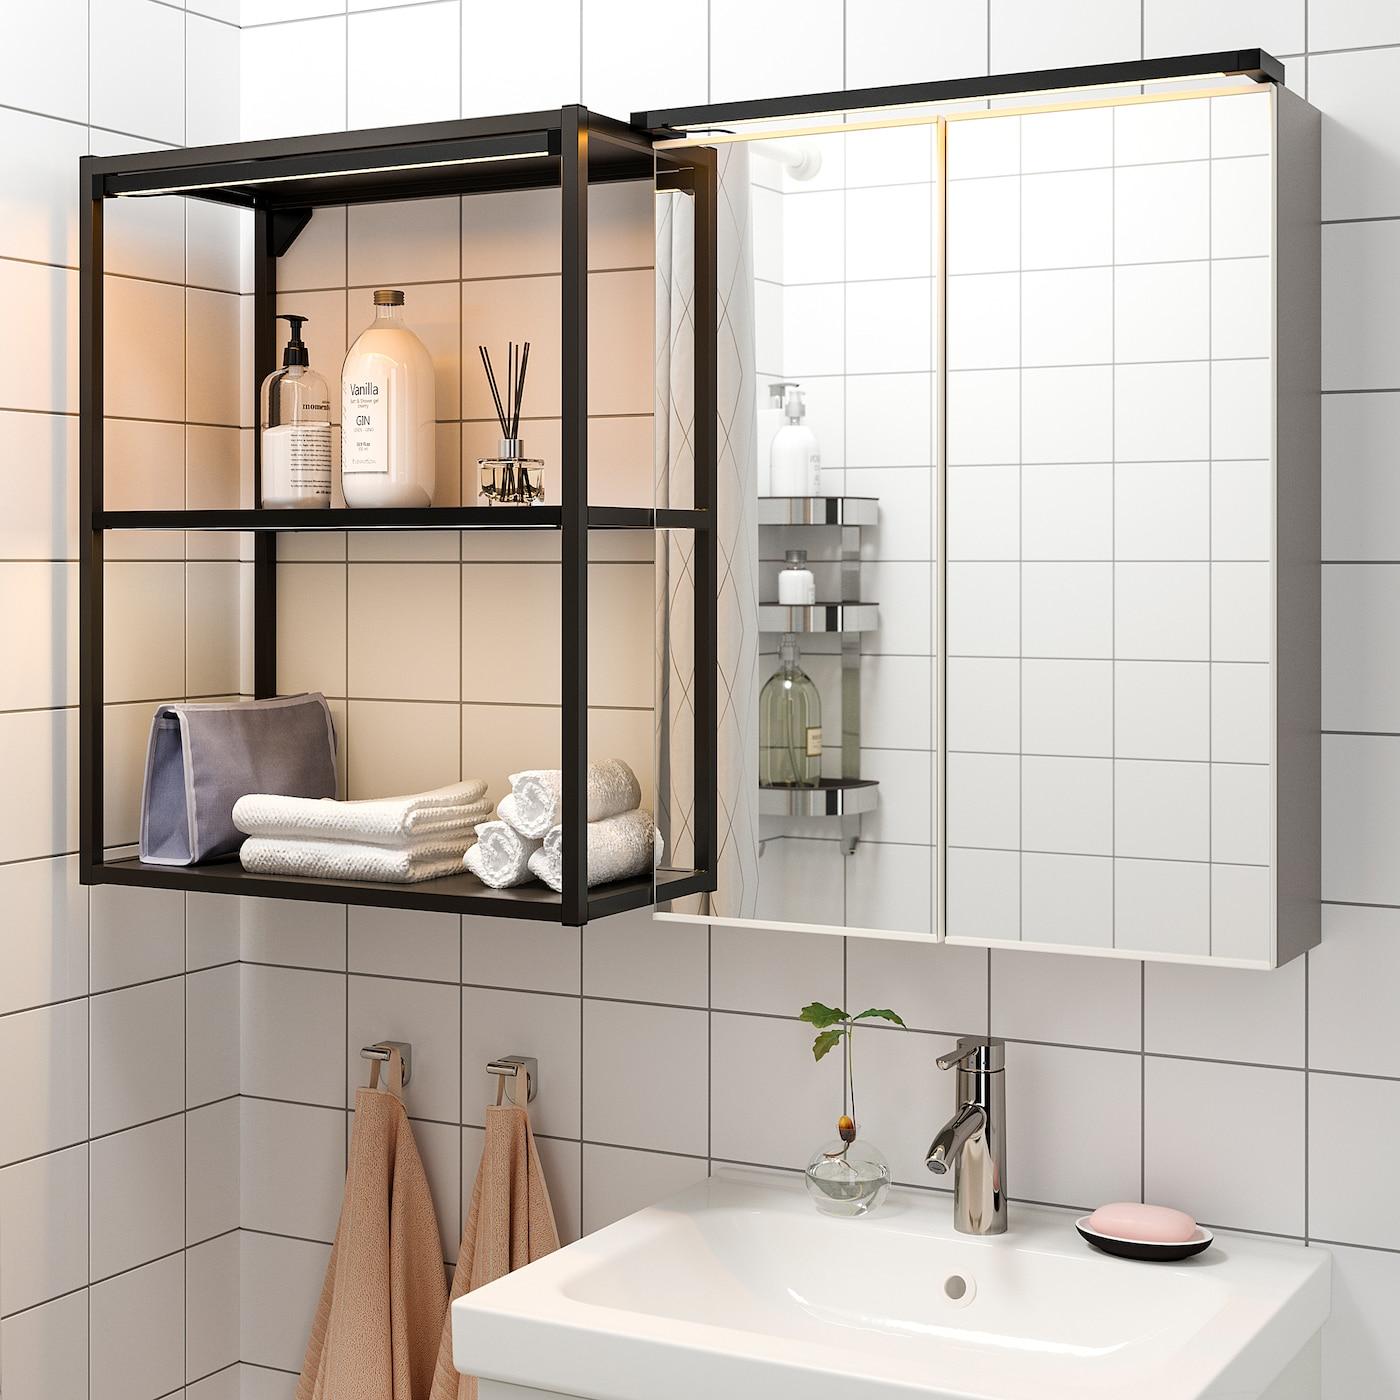 SILVERGLANS Lichtleiste, LED für Bad   dimmbar anthrazit 20 cm